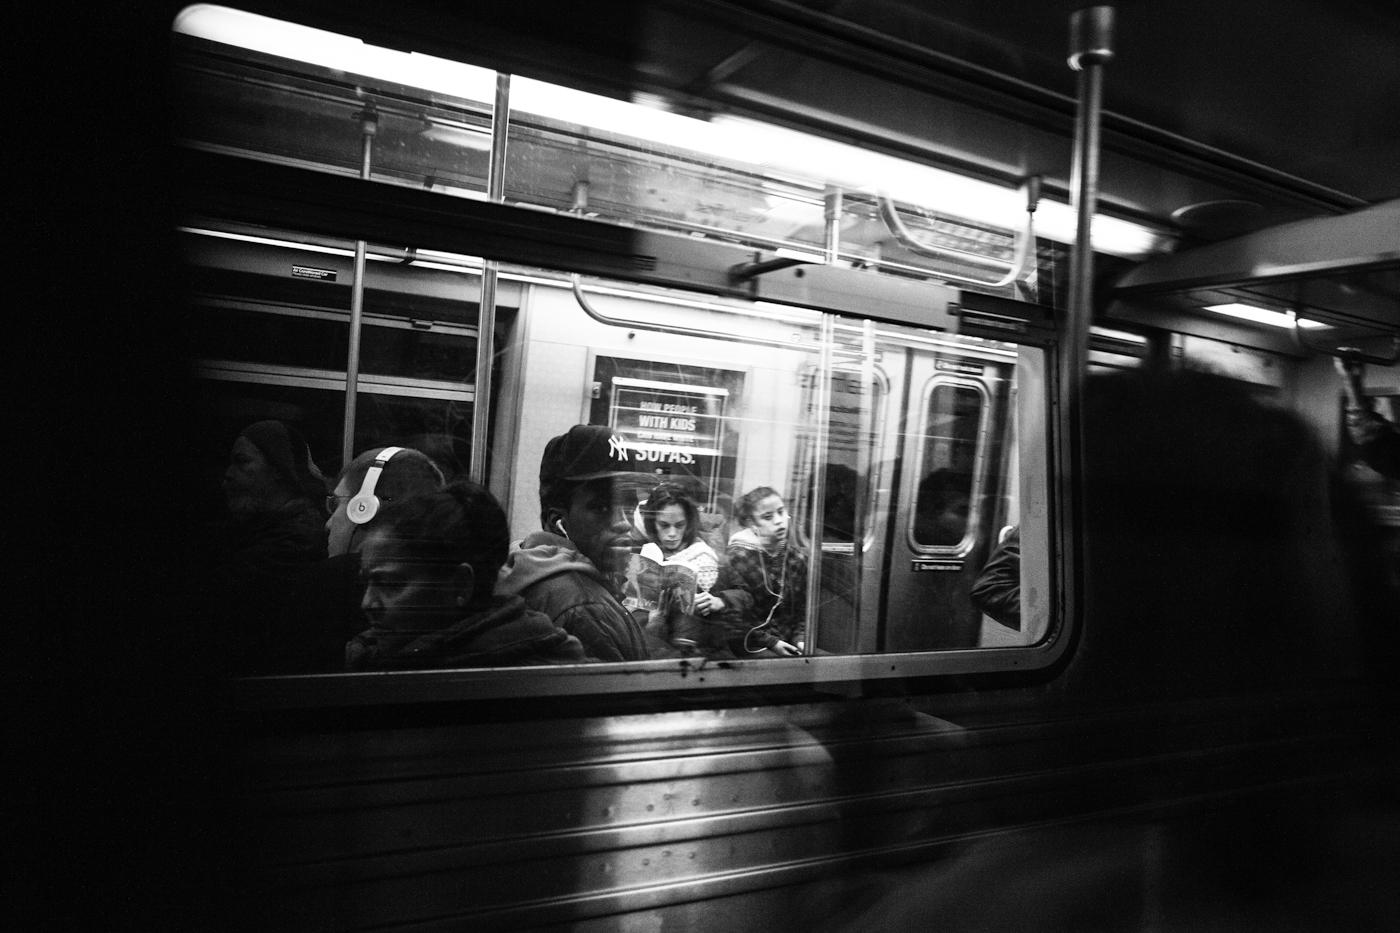 Subways-8.jpg